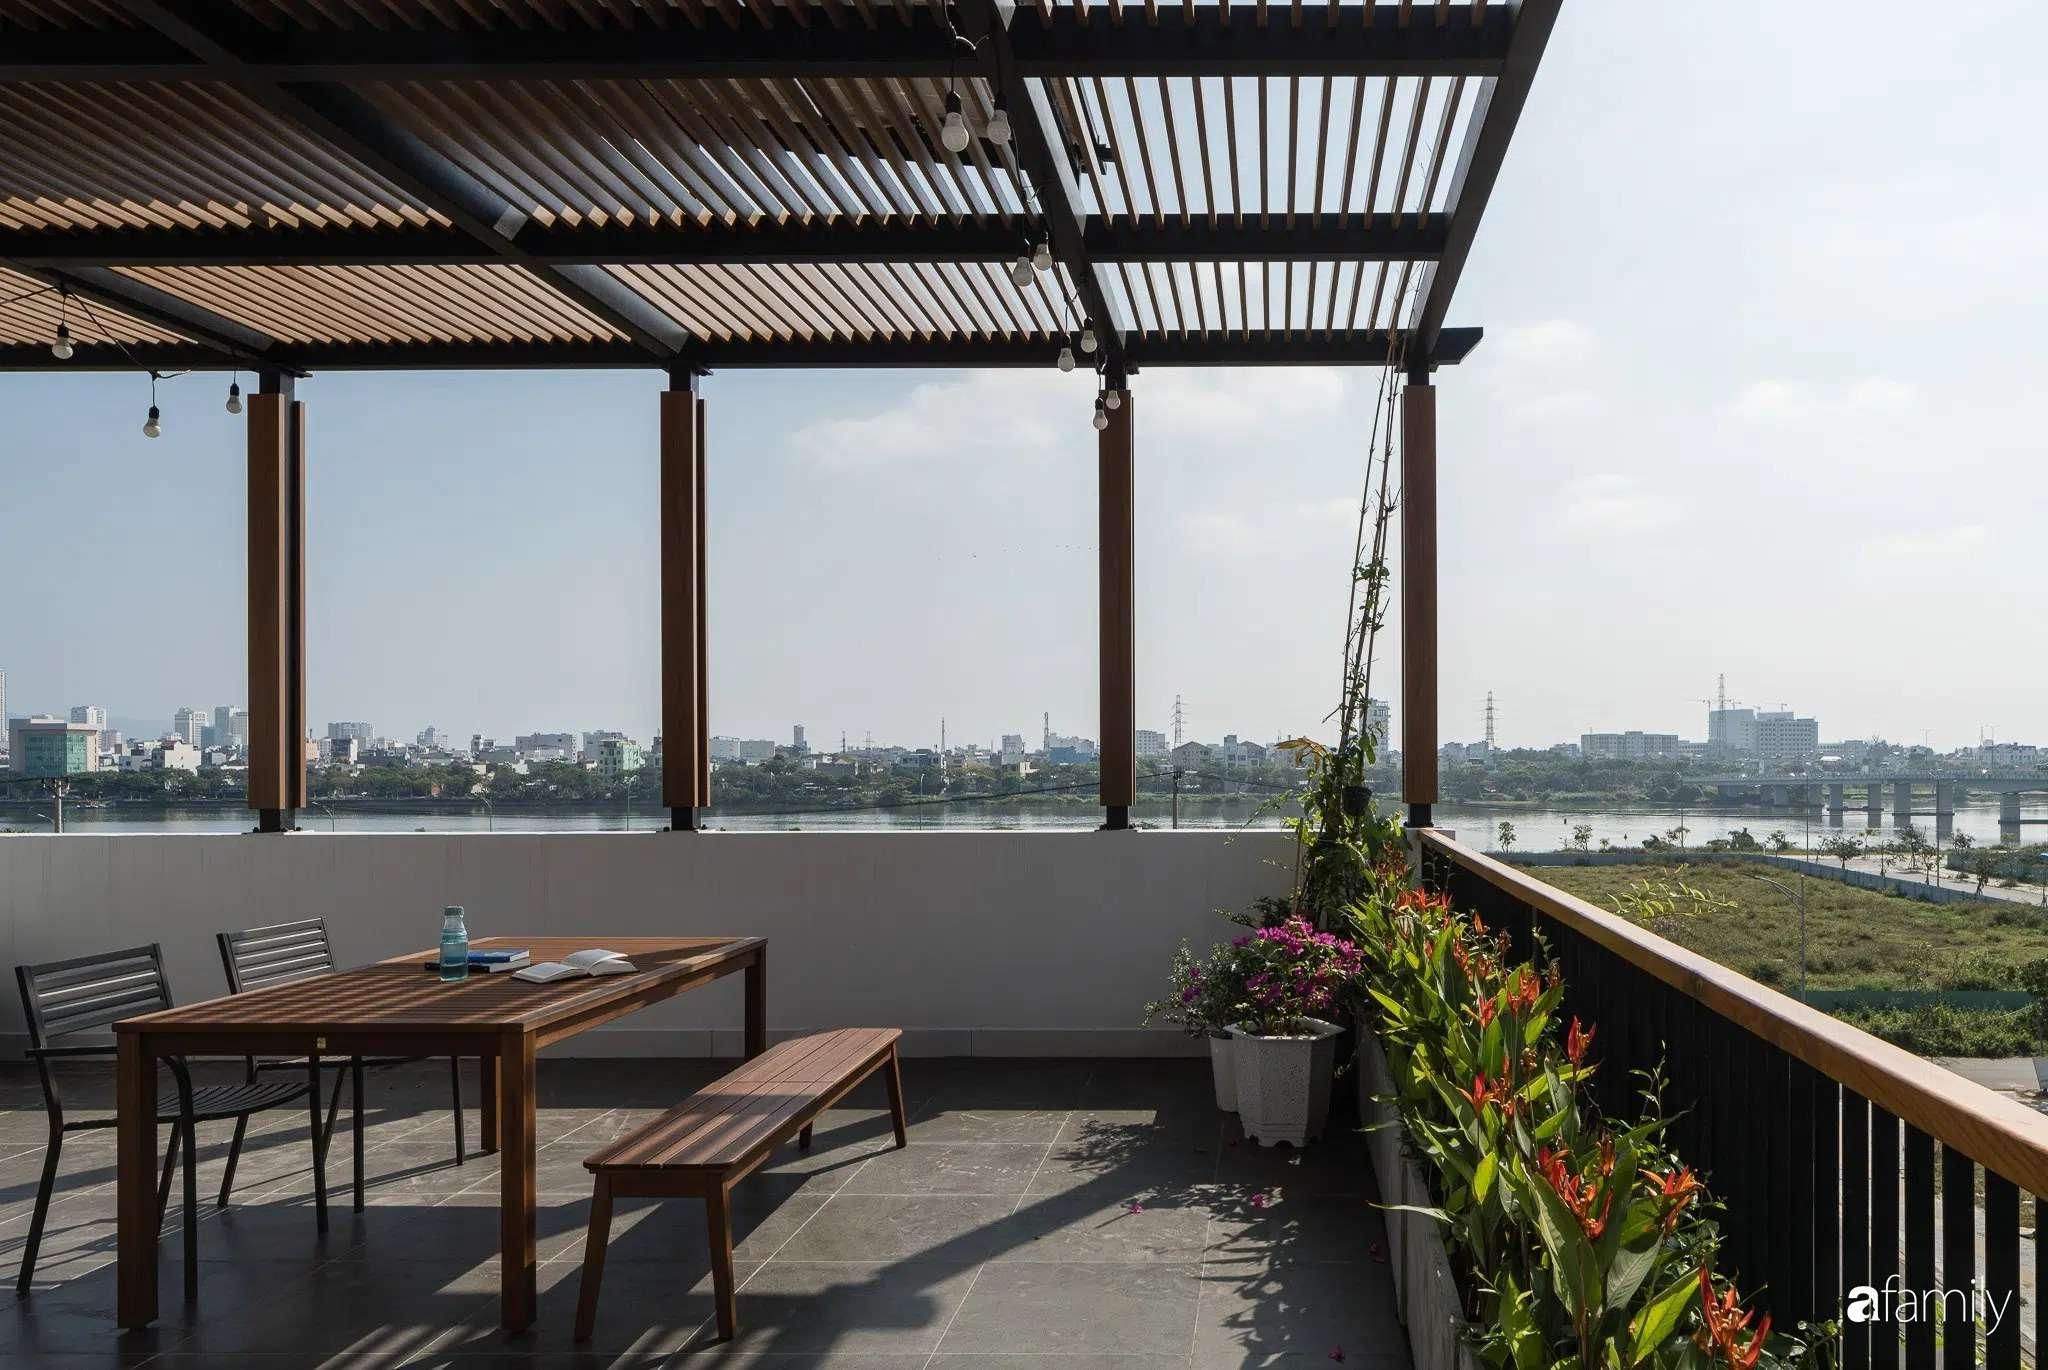 Góc sân thượng có thể giúp mọi người thảnh thơi ngắm nhìn xung quanh.